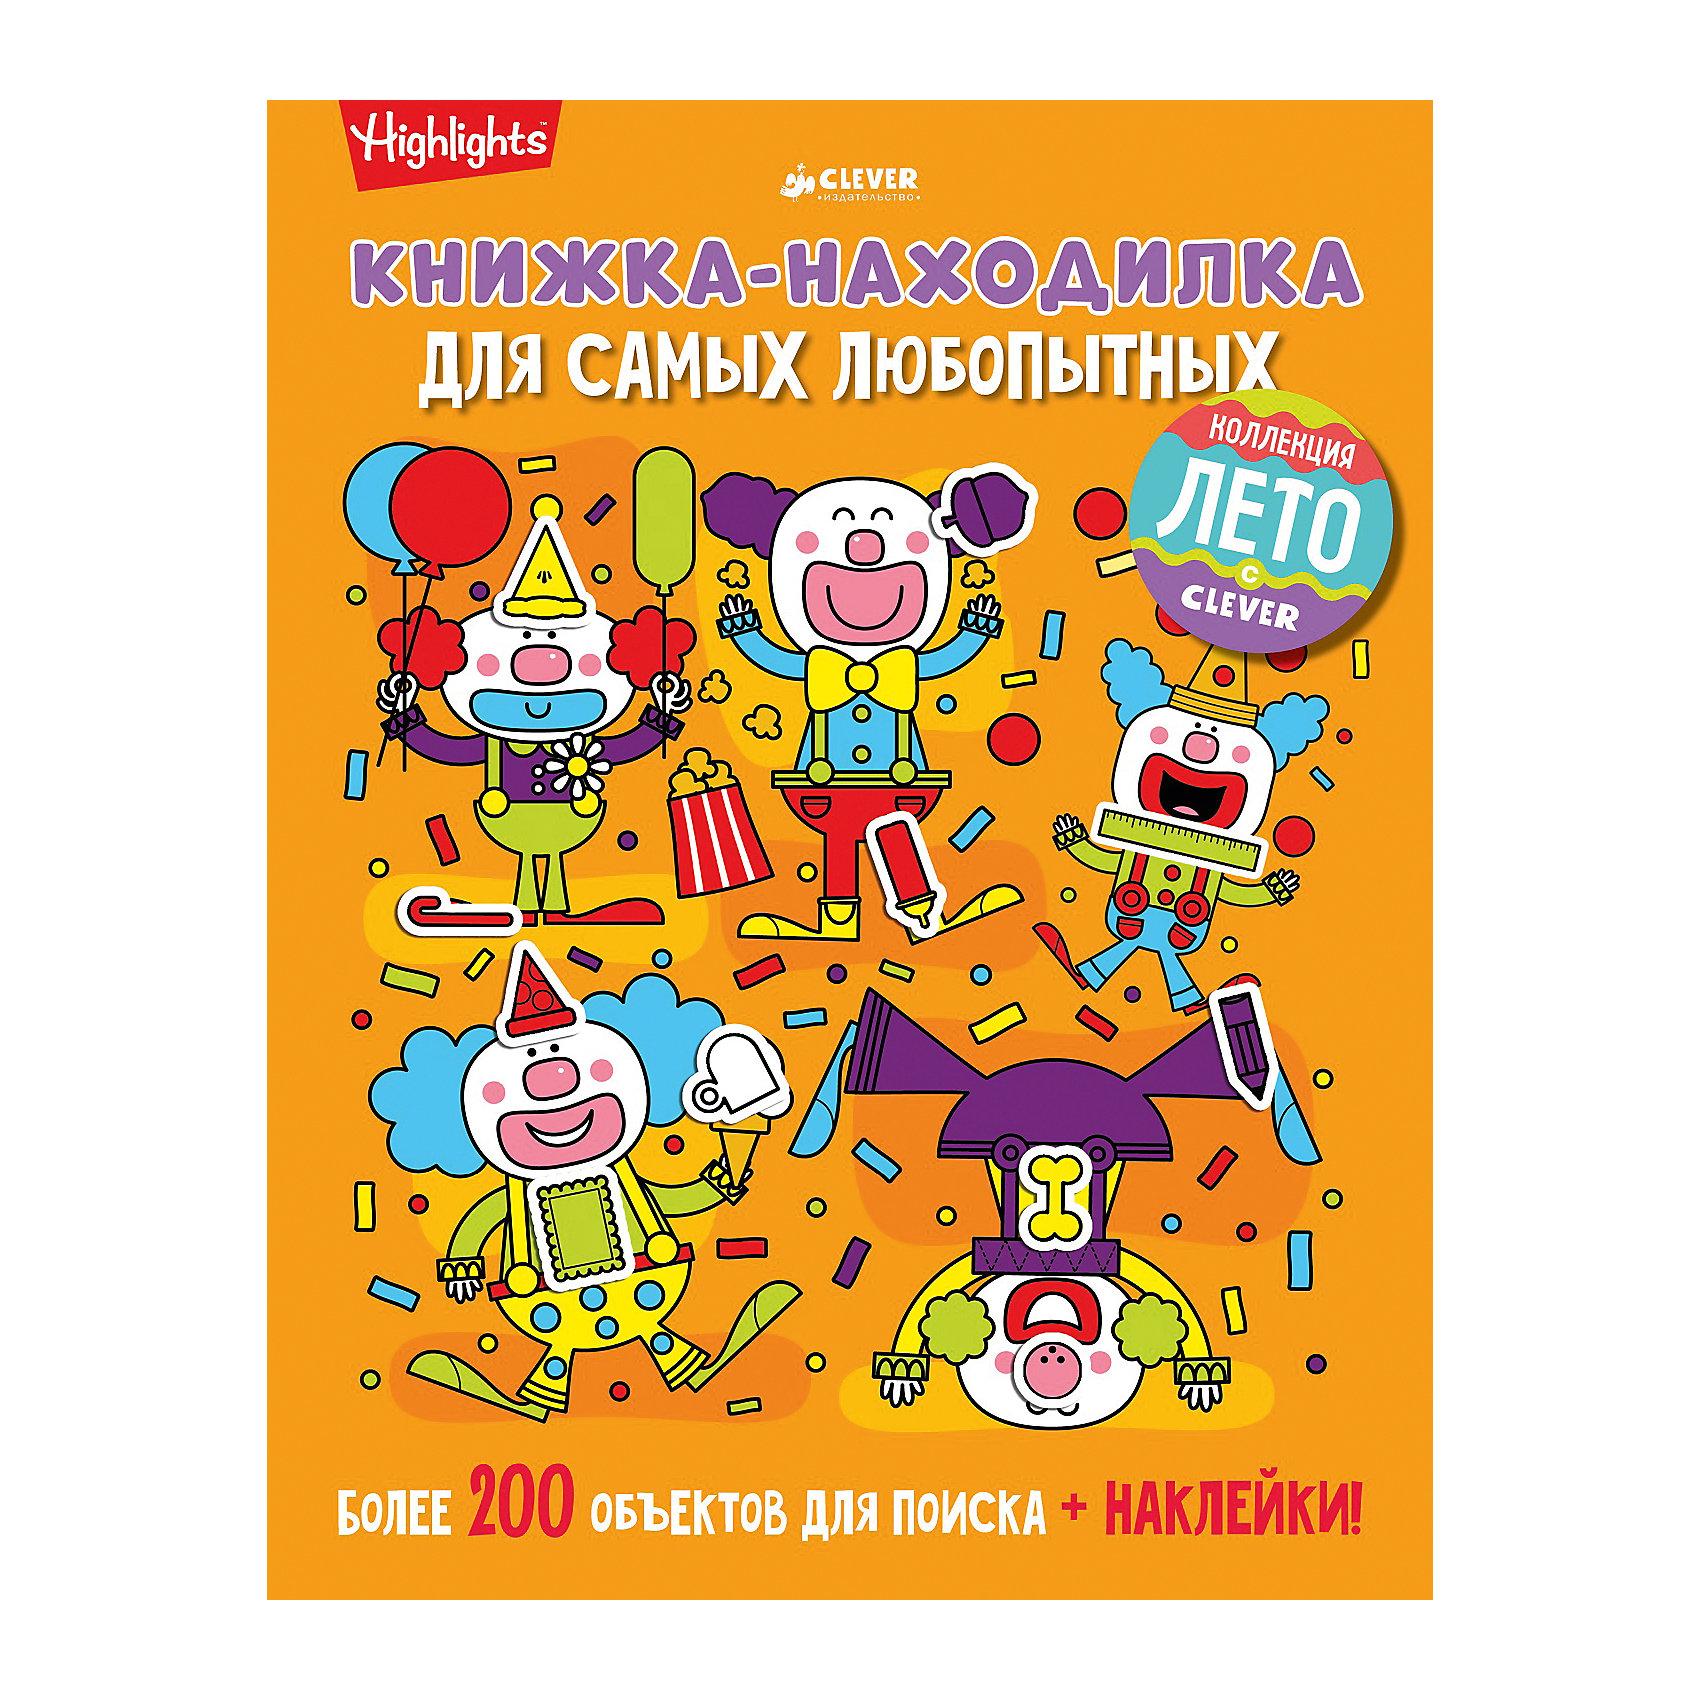 Книжка-находилка для самых любопытных, CleverТесты и задания<br>Характеристики товара:<br><br>• ISBN: 9785906929839;<br>• возраст: от 4;<br>• формат: 60х90/8;<br>• бумага: офсет;<br>• тип обложки: мягкий переплет (крепление скрепкой или клеем);<br>• иллюстрации: цветные;<br>• серия: Найди меня;<br>• коллекция: Лето;<br>• издательство: Клевер Медиа Групп, 2017 г.;<br>• переводчик: Видревич Ирина;<br>• художник: Лейзер Рон, Беррис Присцилла, Холл Сьюзен Т.;<br>• количество страниц: 48;<br>• размеры: 27х21х0,3 см;<br>• масса: 188 г.<br><br>Развивающая тетрадь с заданиями «Книжка-находилка для самых любопытных» подходит для занятий в путешествии, на море или в автомобиле. Мама и папа приготовили Лене сюрприз на день рождения. Чтобы узнать, что девочке подарят, надо постараться и выполнить все задания.<br><br>В книжке спрятаны более 200 предметов, изображенных в самых неожиданных местах. Веселые задания, раскраски, рисовалки, логические задачки понравятся как мальчикам, так и девочкам. <br><br>Дополнительно в книге есть 2 листа с яркими наклейками.<br><br>Интересные задания способствуют развитию логики, внимания, творческих способностей.<br><br>Сборник «Книжка-находилка для самых любопытных», Клевер Медиа Групп, Видревич Ирина, можно купить в нашем интернет-магазине.<br><br>Ширина мм: 276<br>Глубина мм: 213<br>Высота мм: 100<br>Вес г: 188<br>Возраст от месяцев: 48<br>Возраст до месяцев: 72<br>Пол: Унисекс<br>Возраст: Детский<br>SKU: 6709210